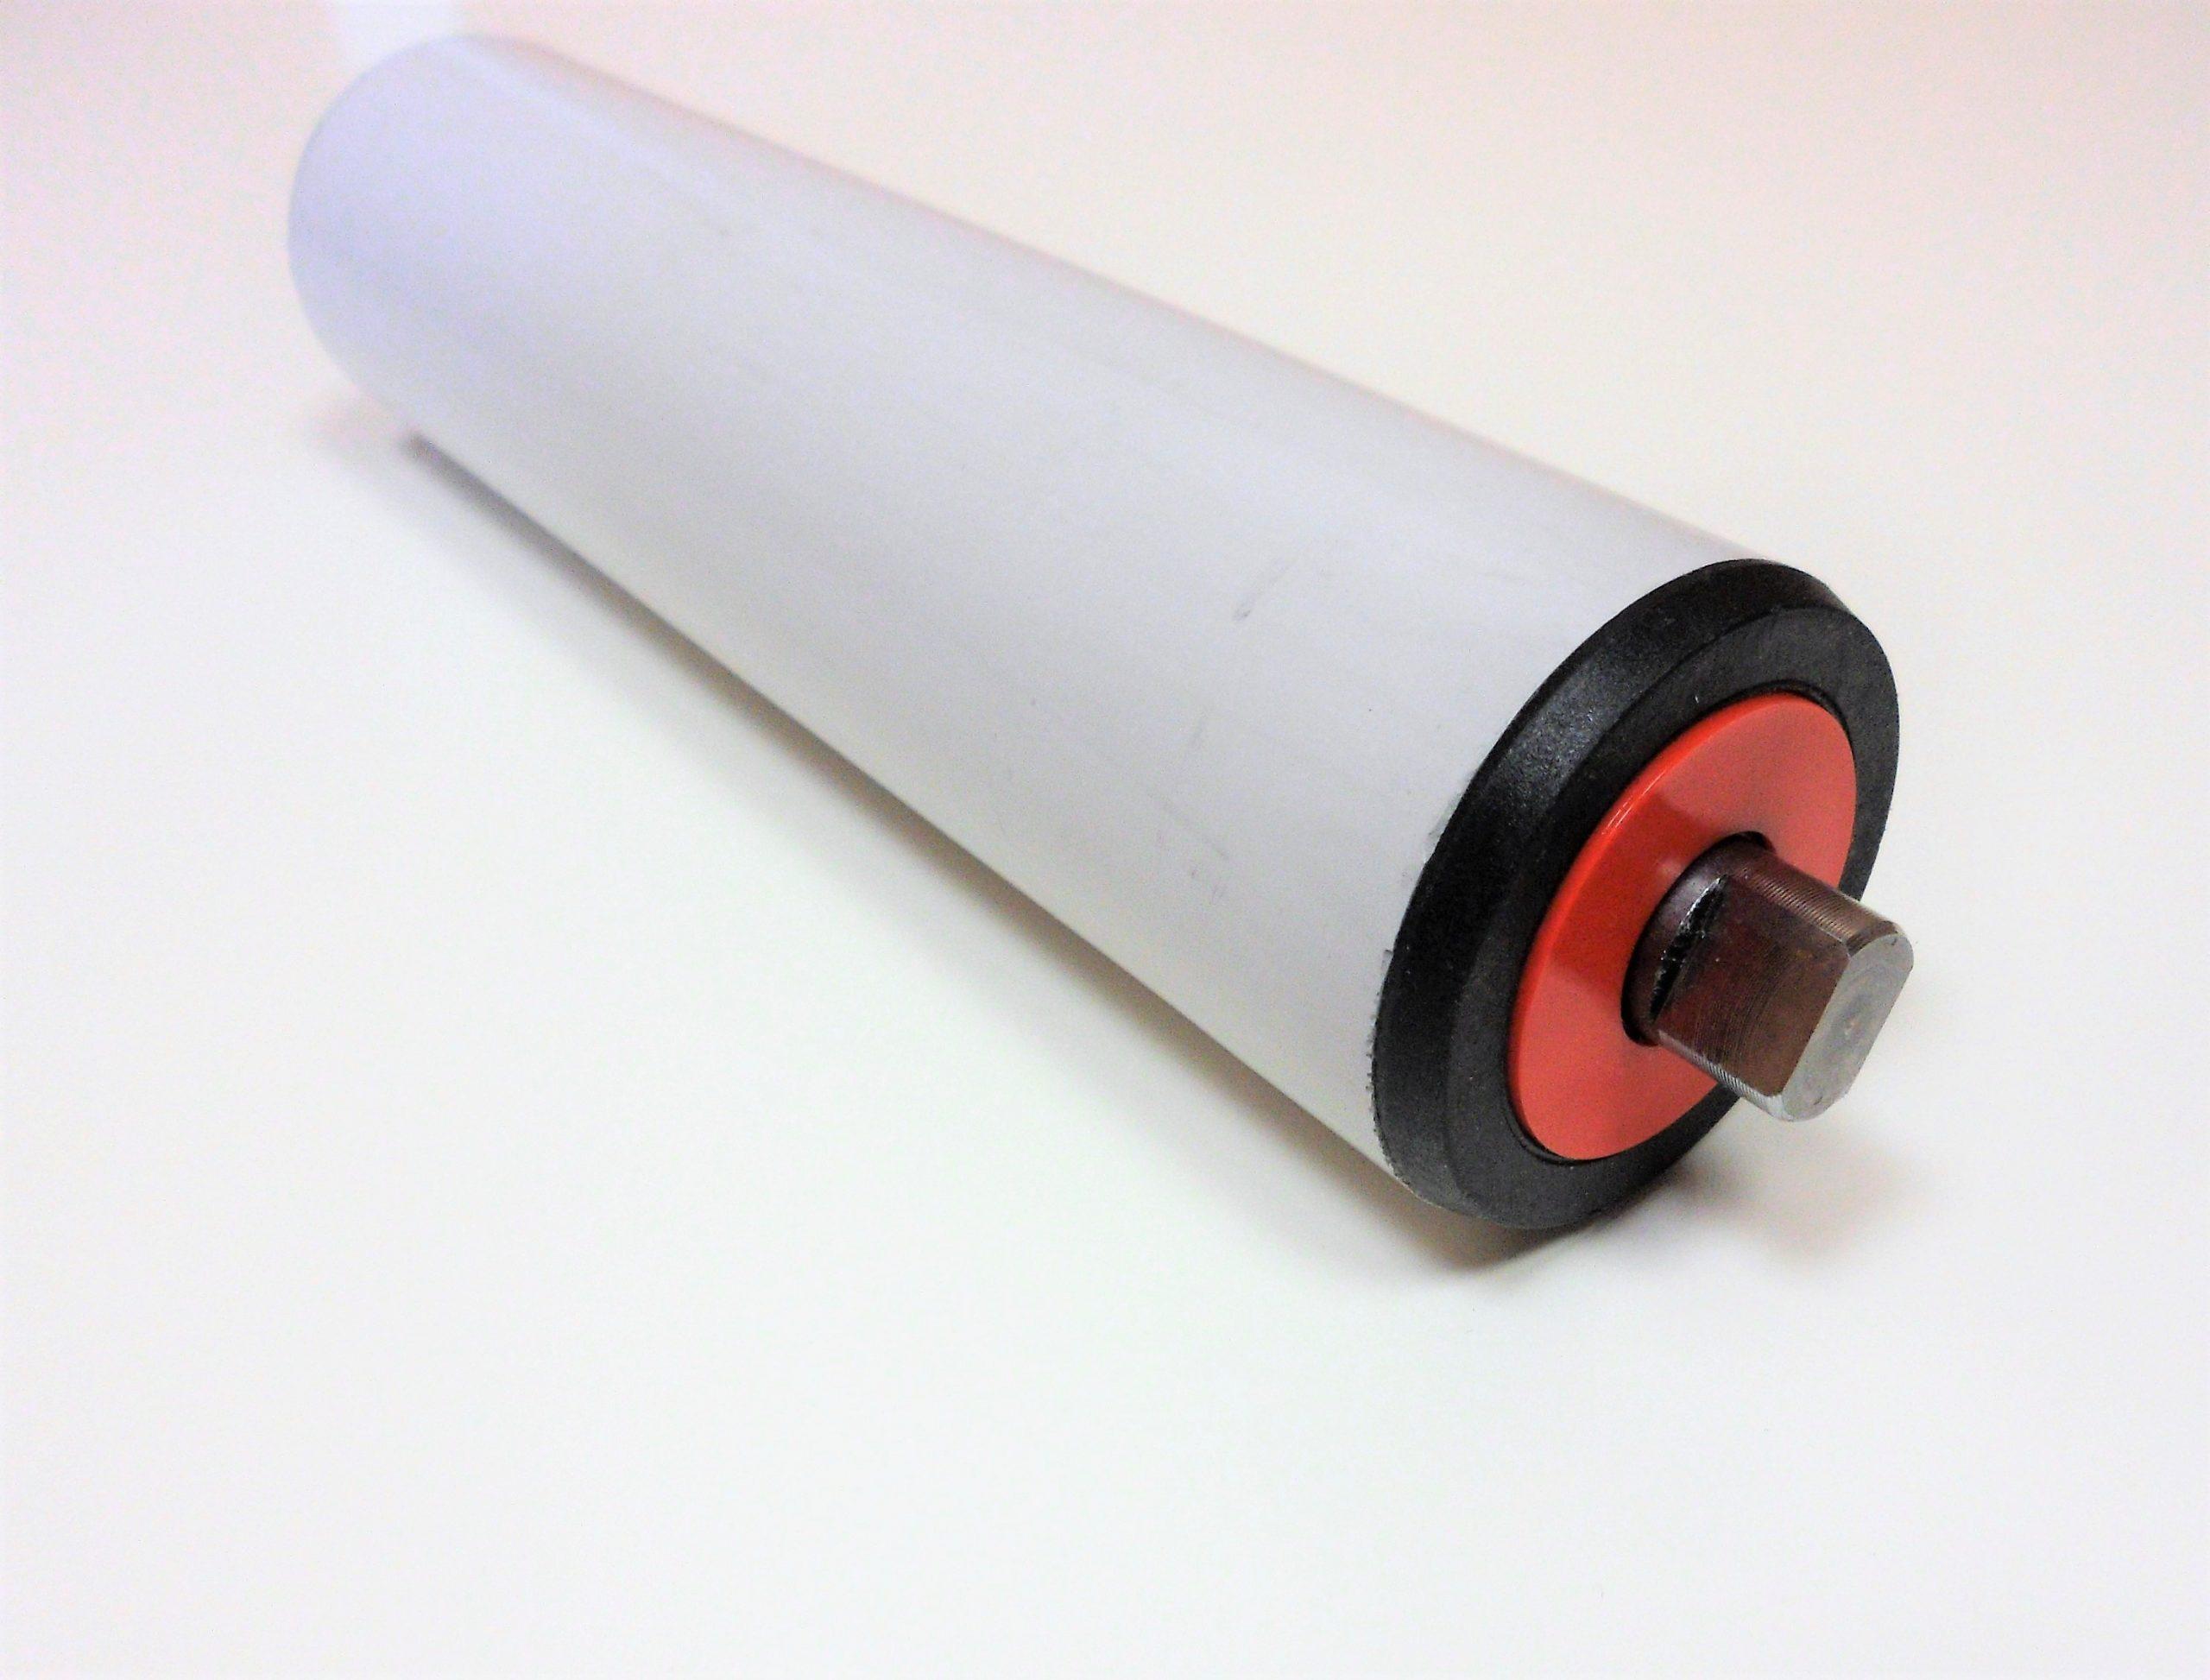 rouleau pour convoyeur avec tube pvc et roulements normalisés étanches